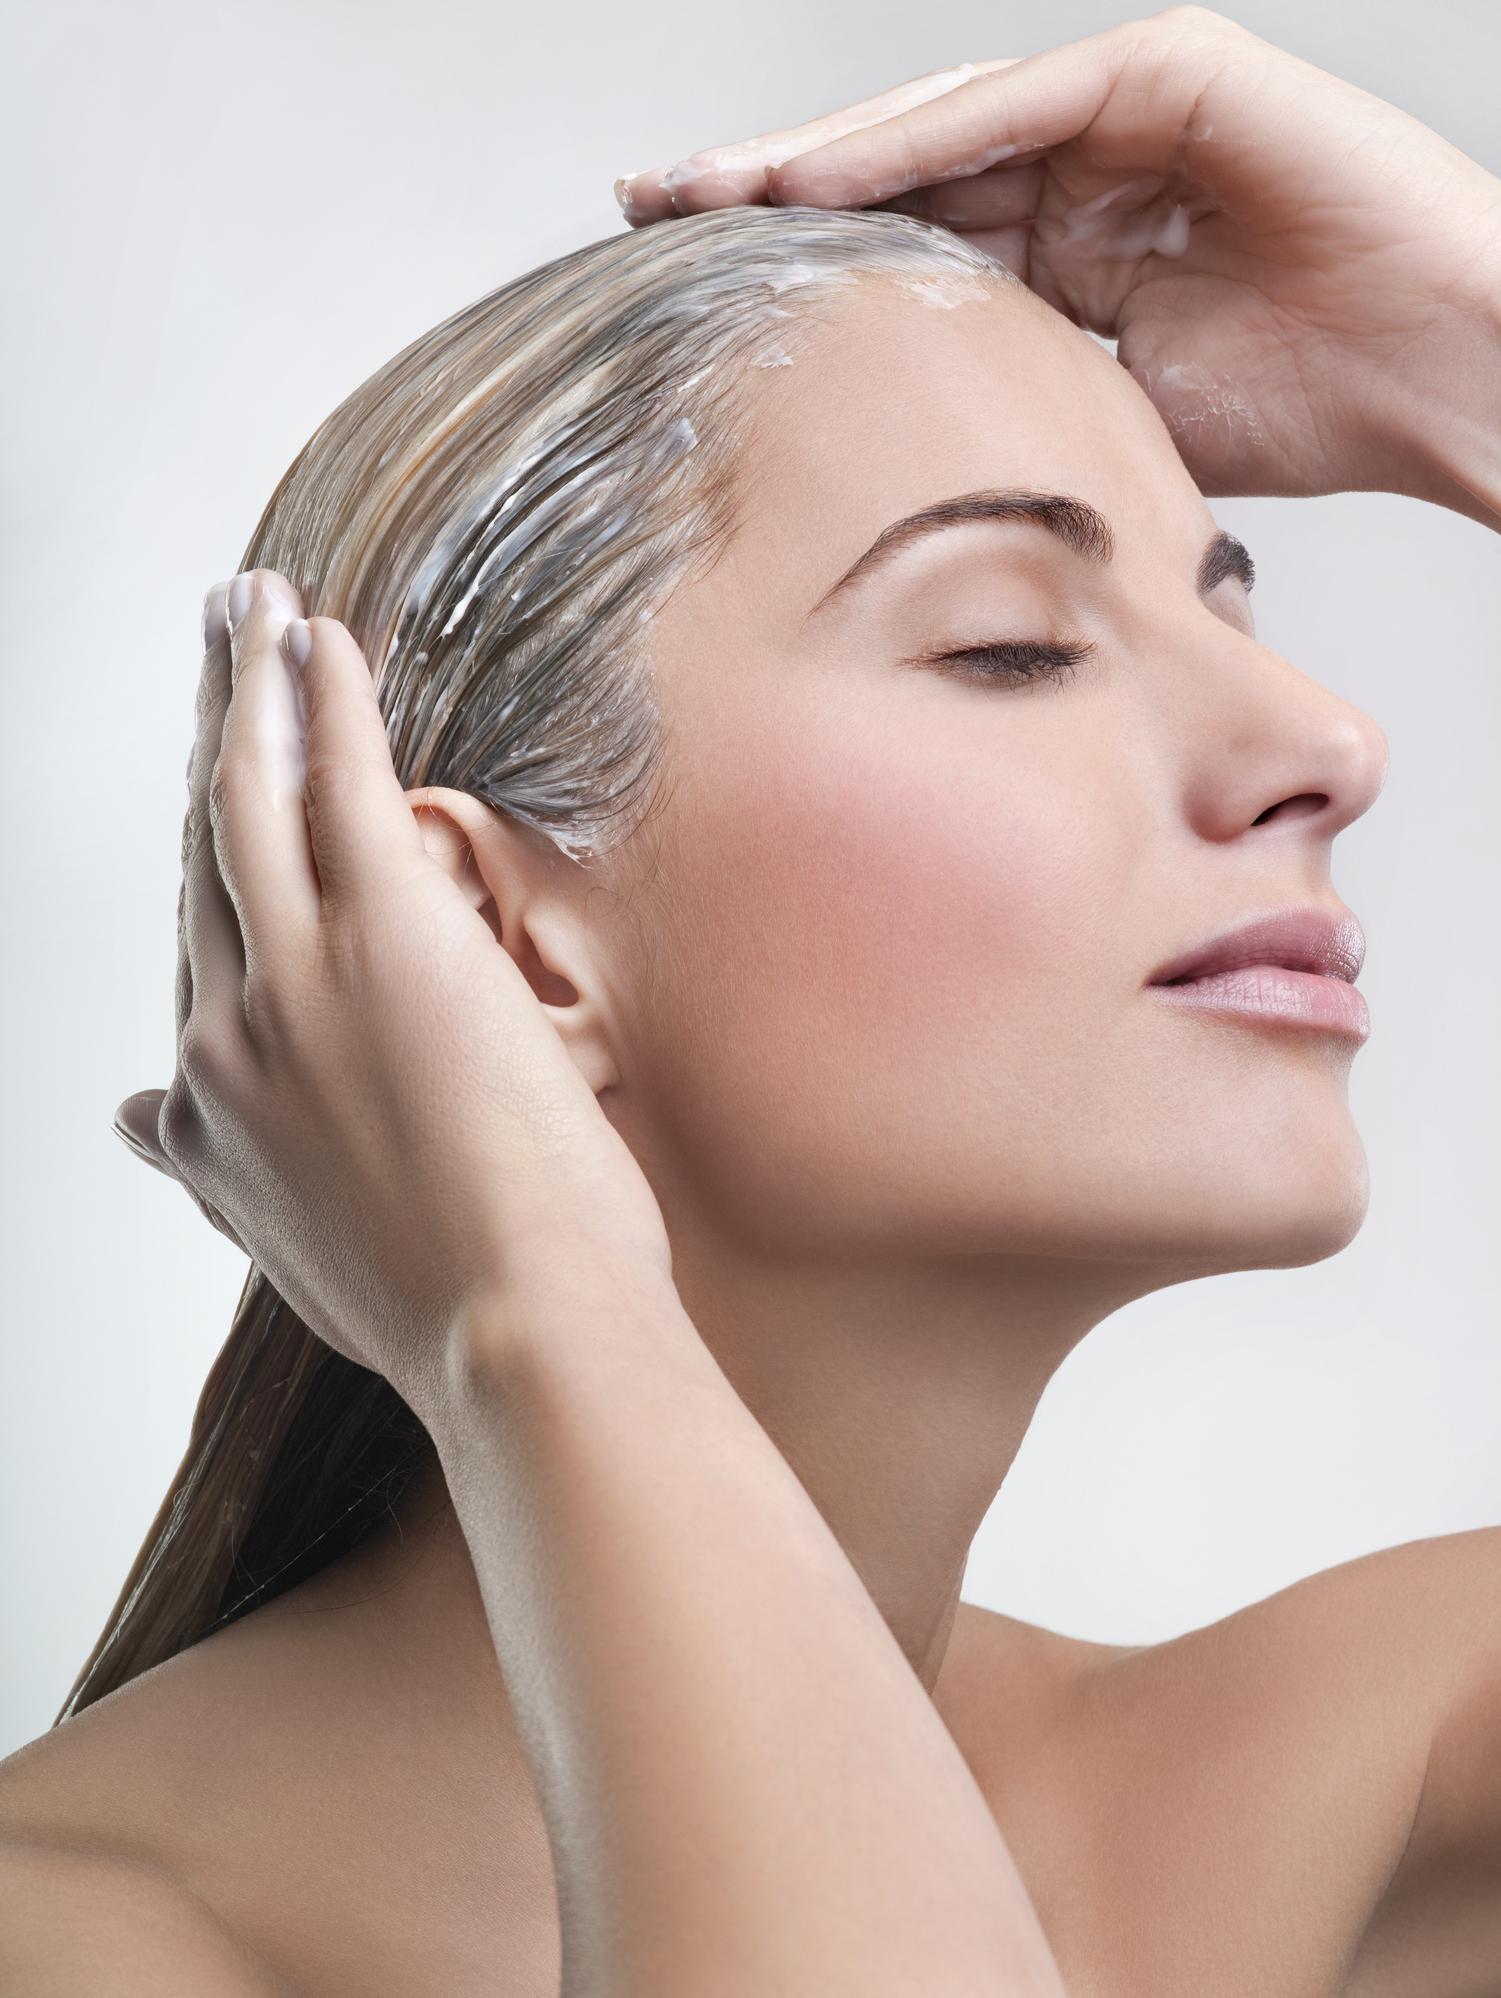 Thần dược trị rụng tóc hiệu quả